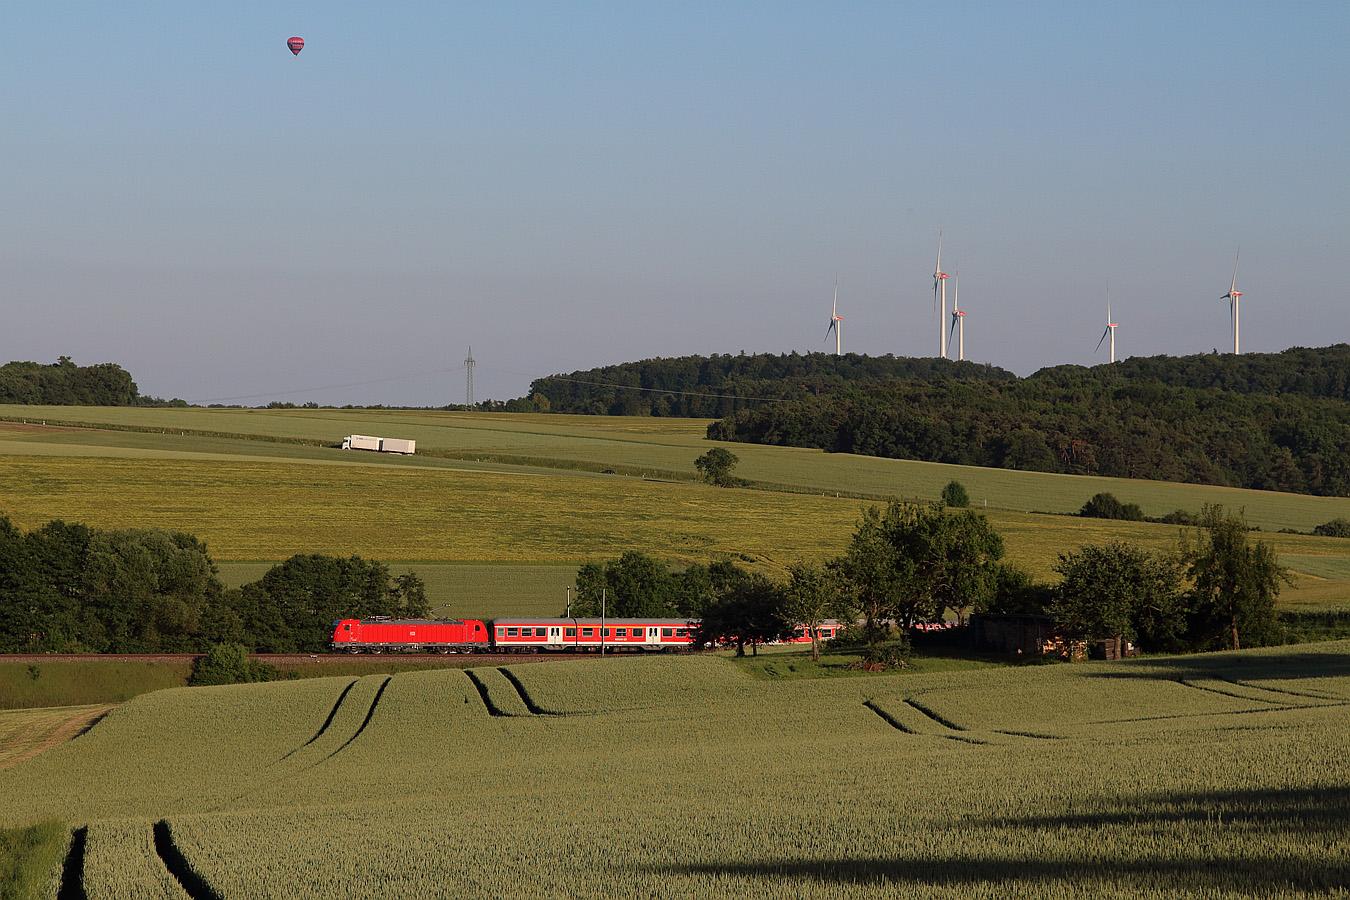 http://www.eisenbahnfotos-online.de/webspace/147003vr-140617-teu-1350.jpg